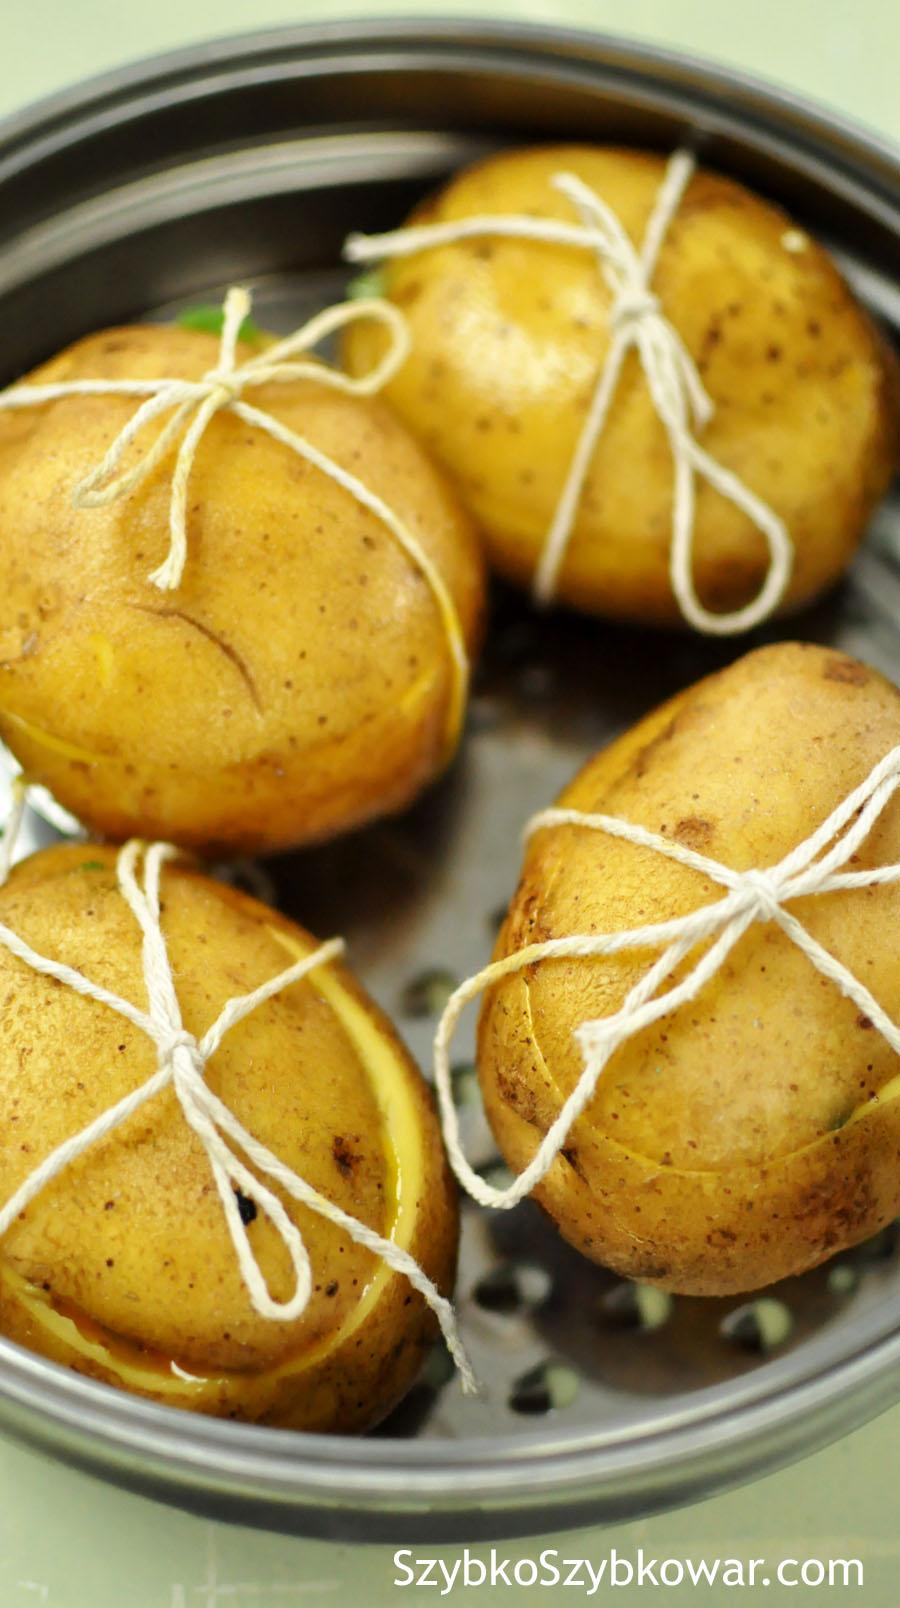 Ziemniaki przygotowane do gotowania.